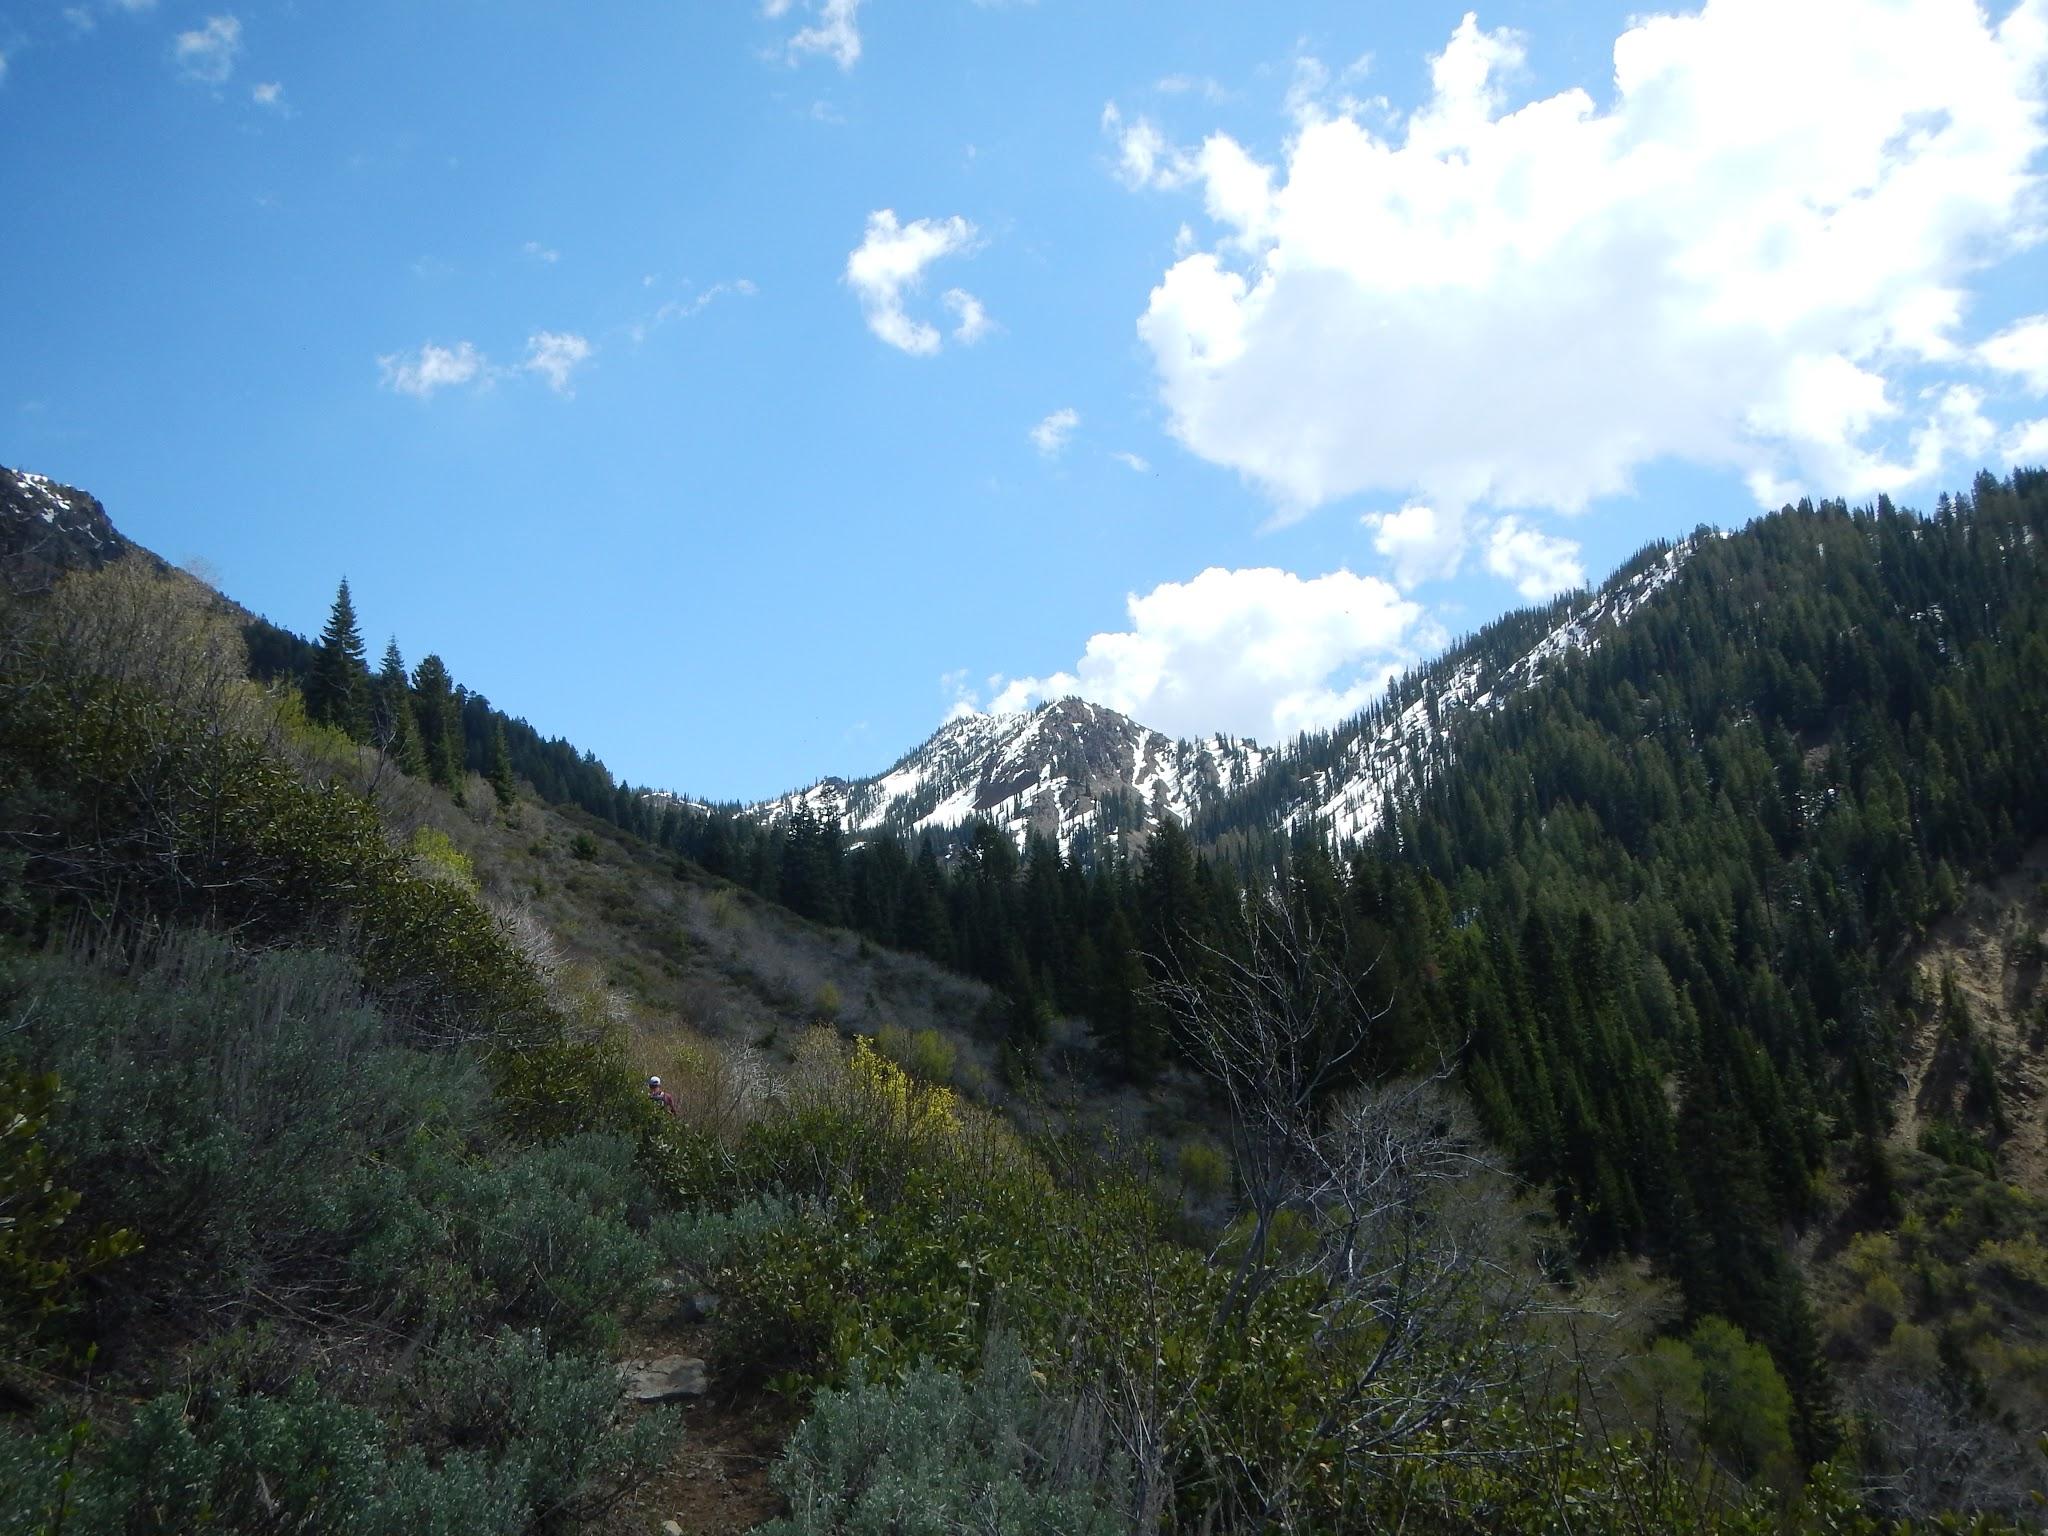 Photo: Snowy mountain views